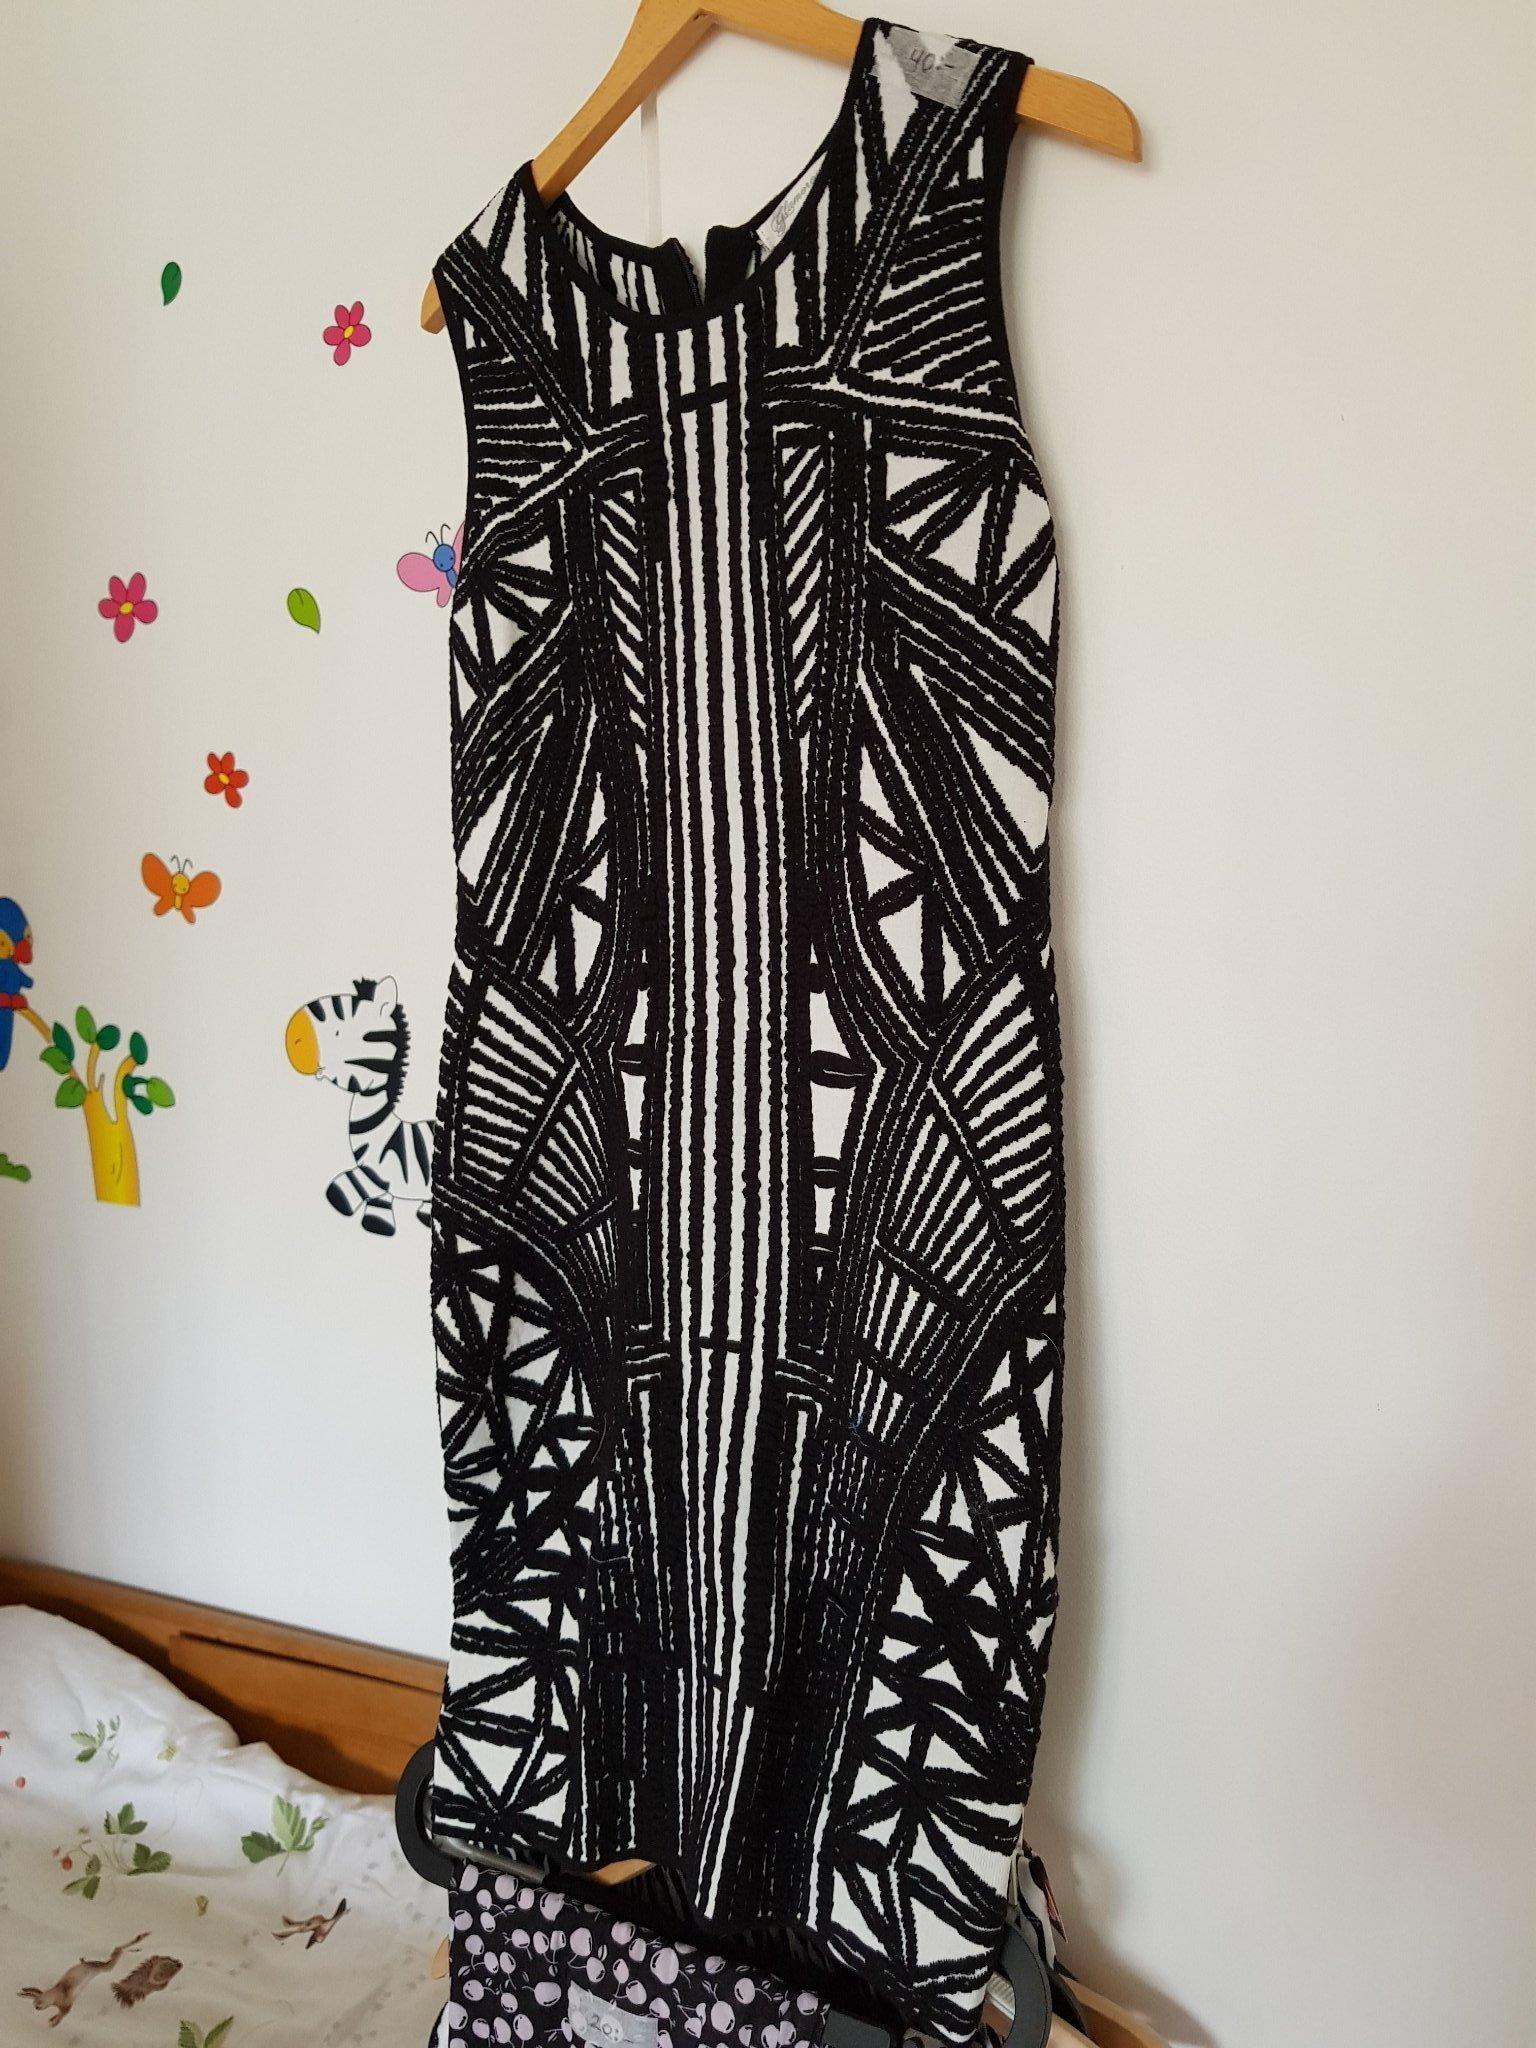 23b6bf038480 Svart & vit mönstrad klänning (351543136) ᐈ Köp på Tradera